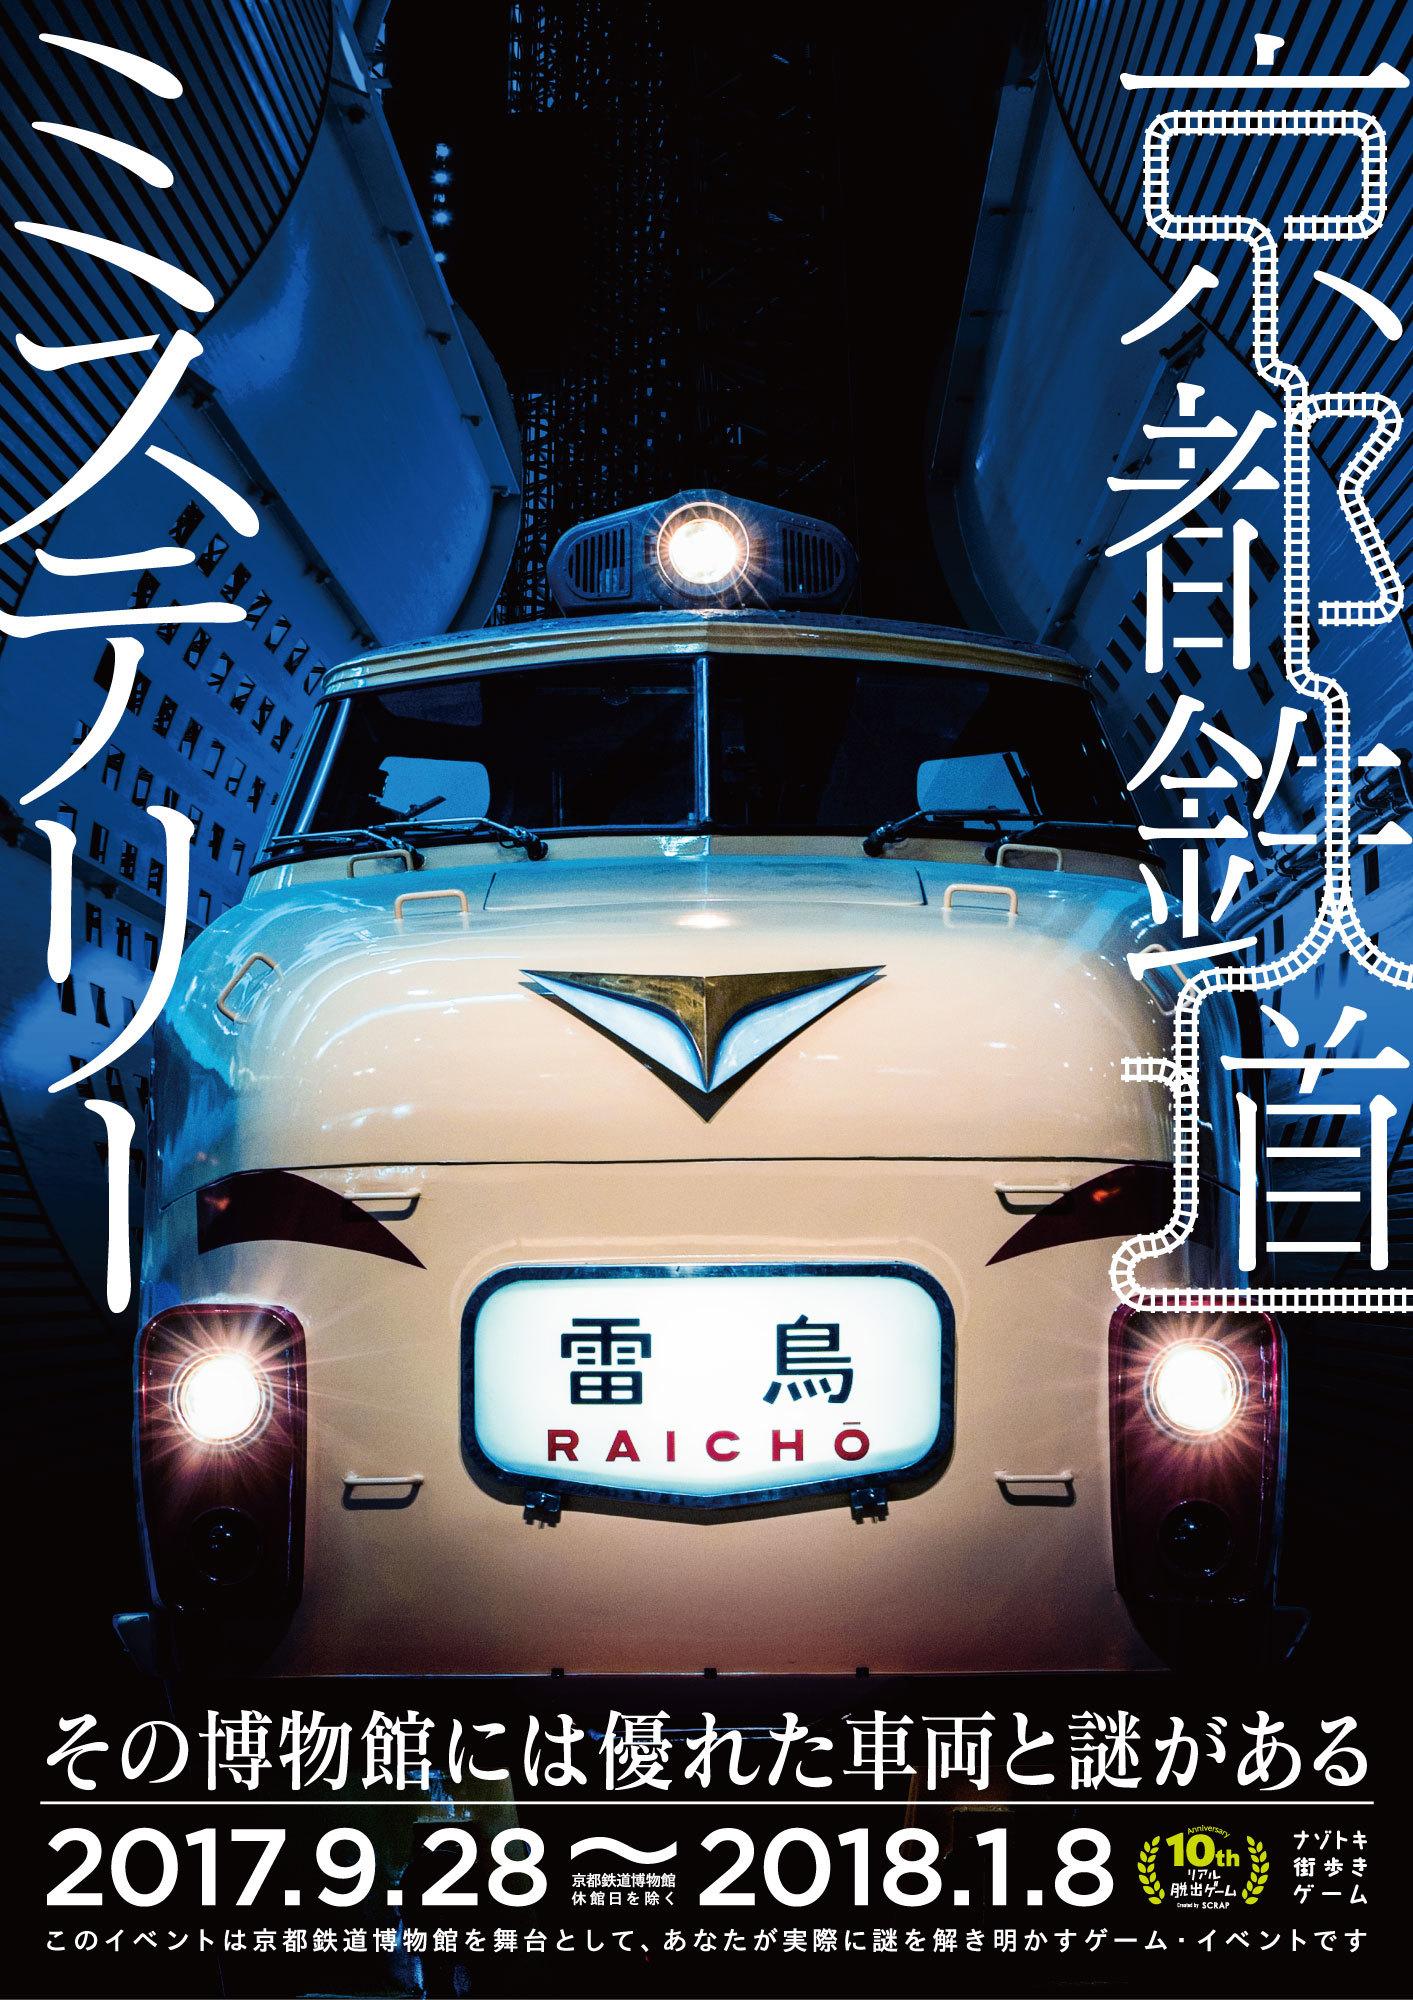 ナゾトキ街歩きゲーム「京都鉄道ミステリー」